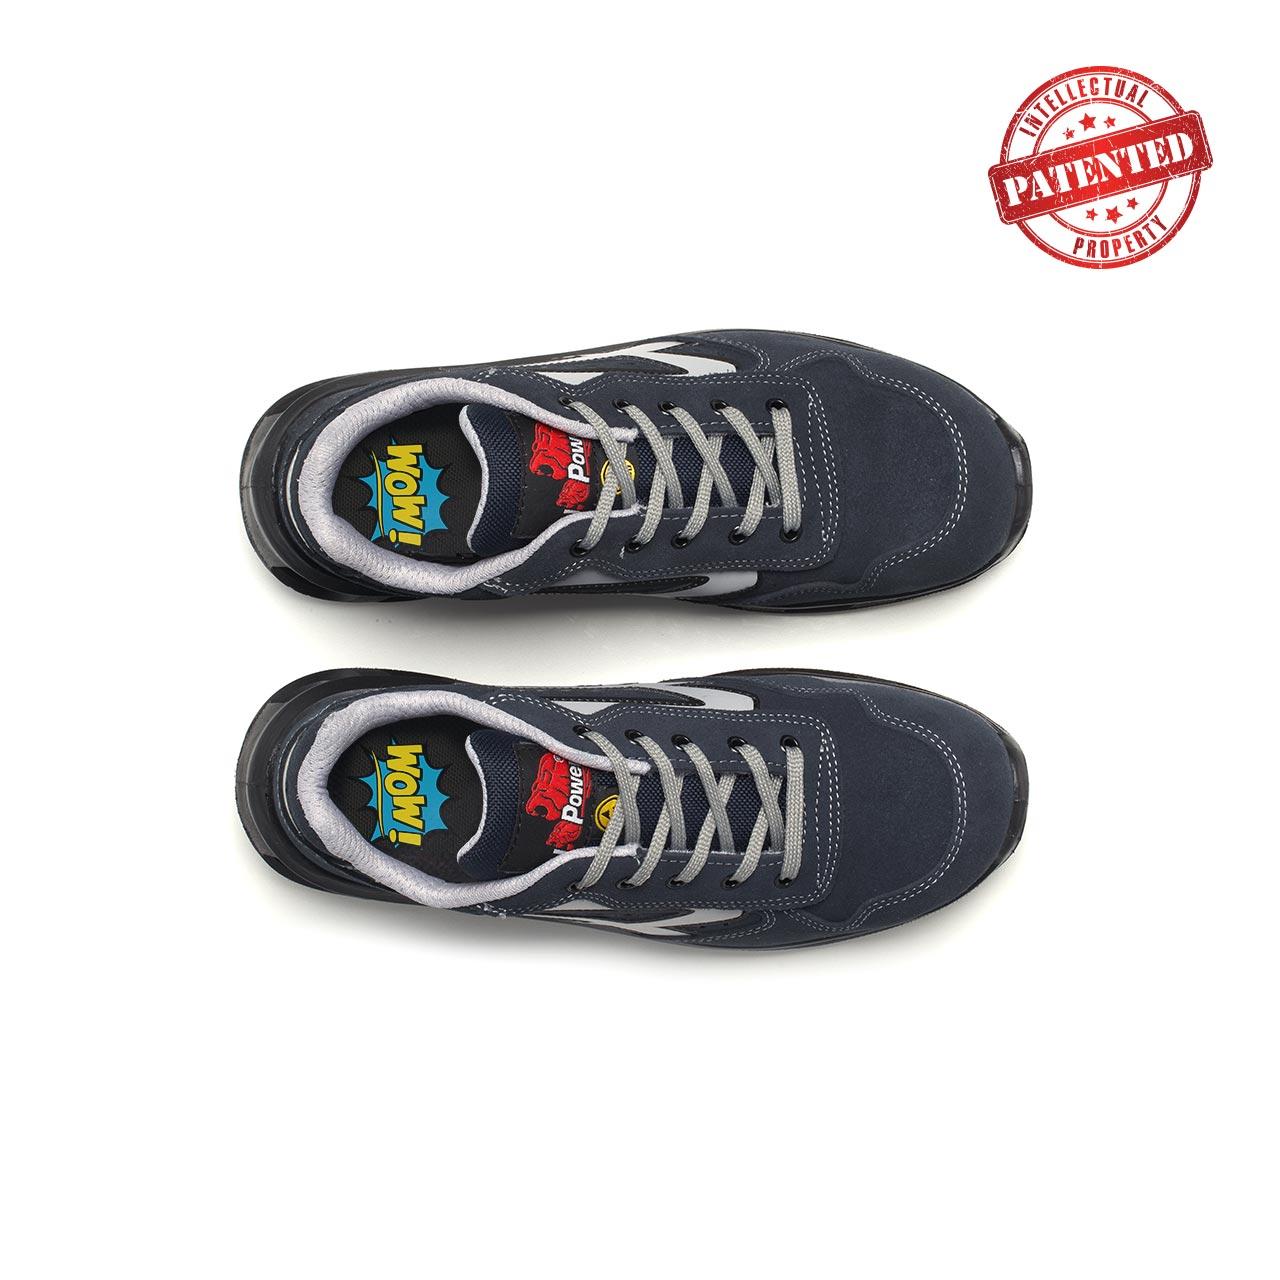 paio di scarpe antinfortunistiche upower modello emotion linea redlion vista top